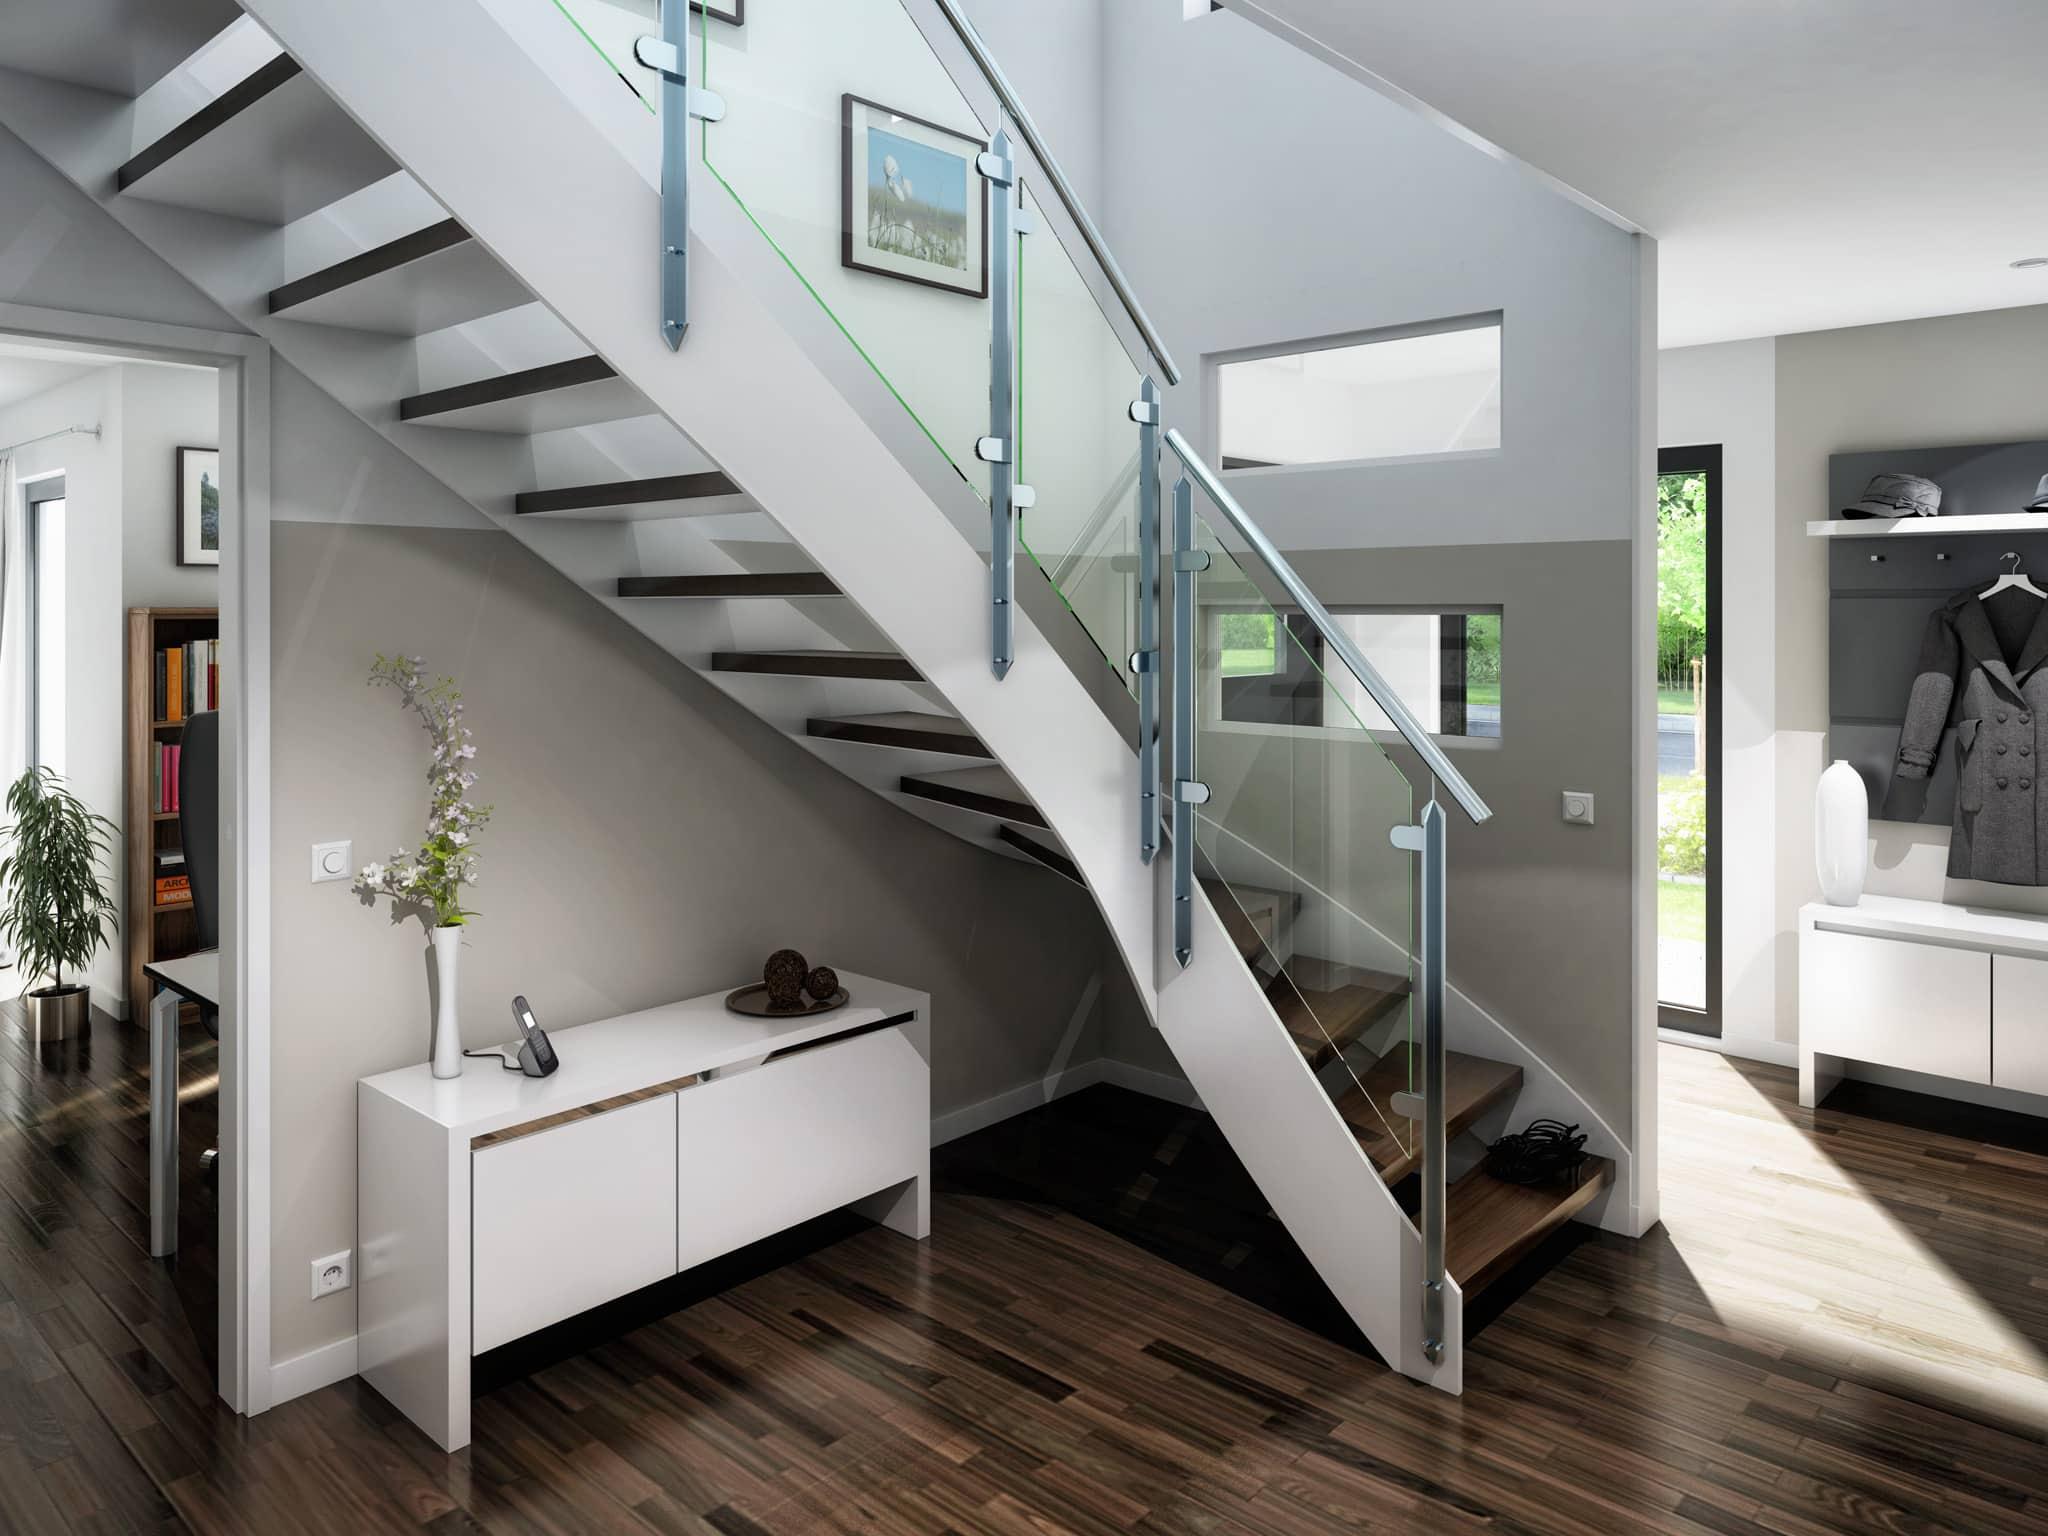 Offene Innentreppe modern im Eingangsbereich - Einfamilienhaus bauen Ideen Bien Zenker Fertighaus EVOLUTION 143 V9 - HausbauDirekt.de